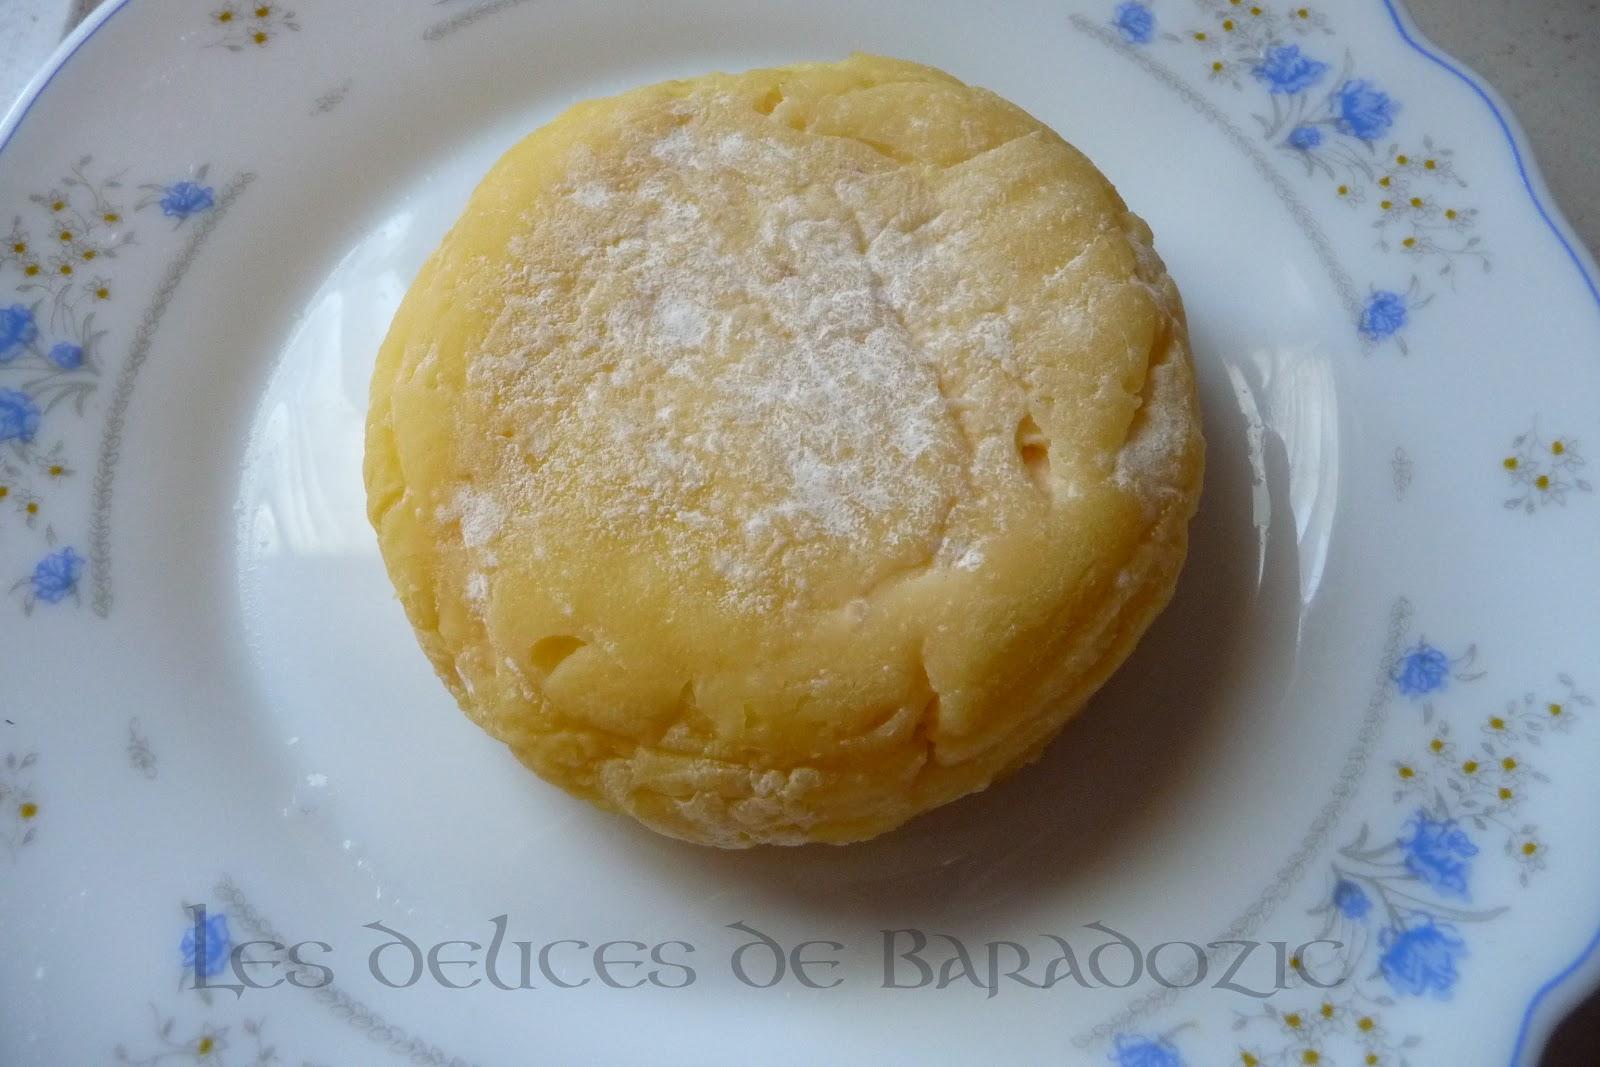 Fromage maison les d lices de baradozic for Affinage fromage maison